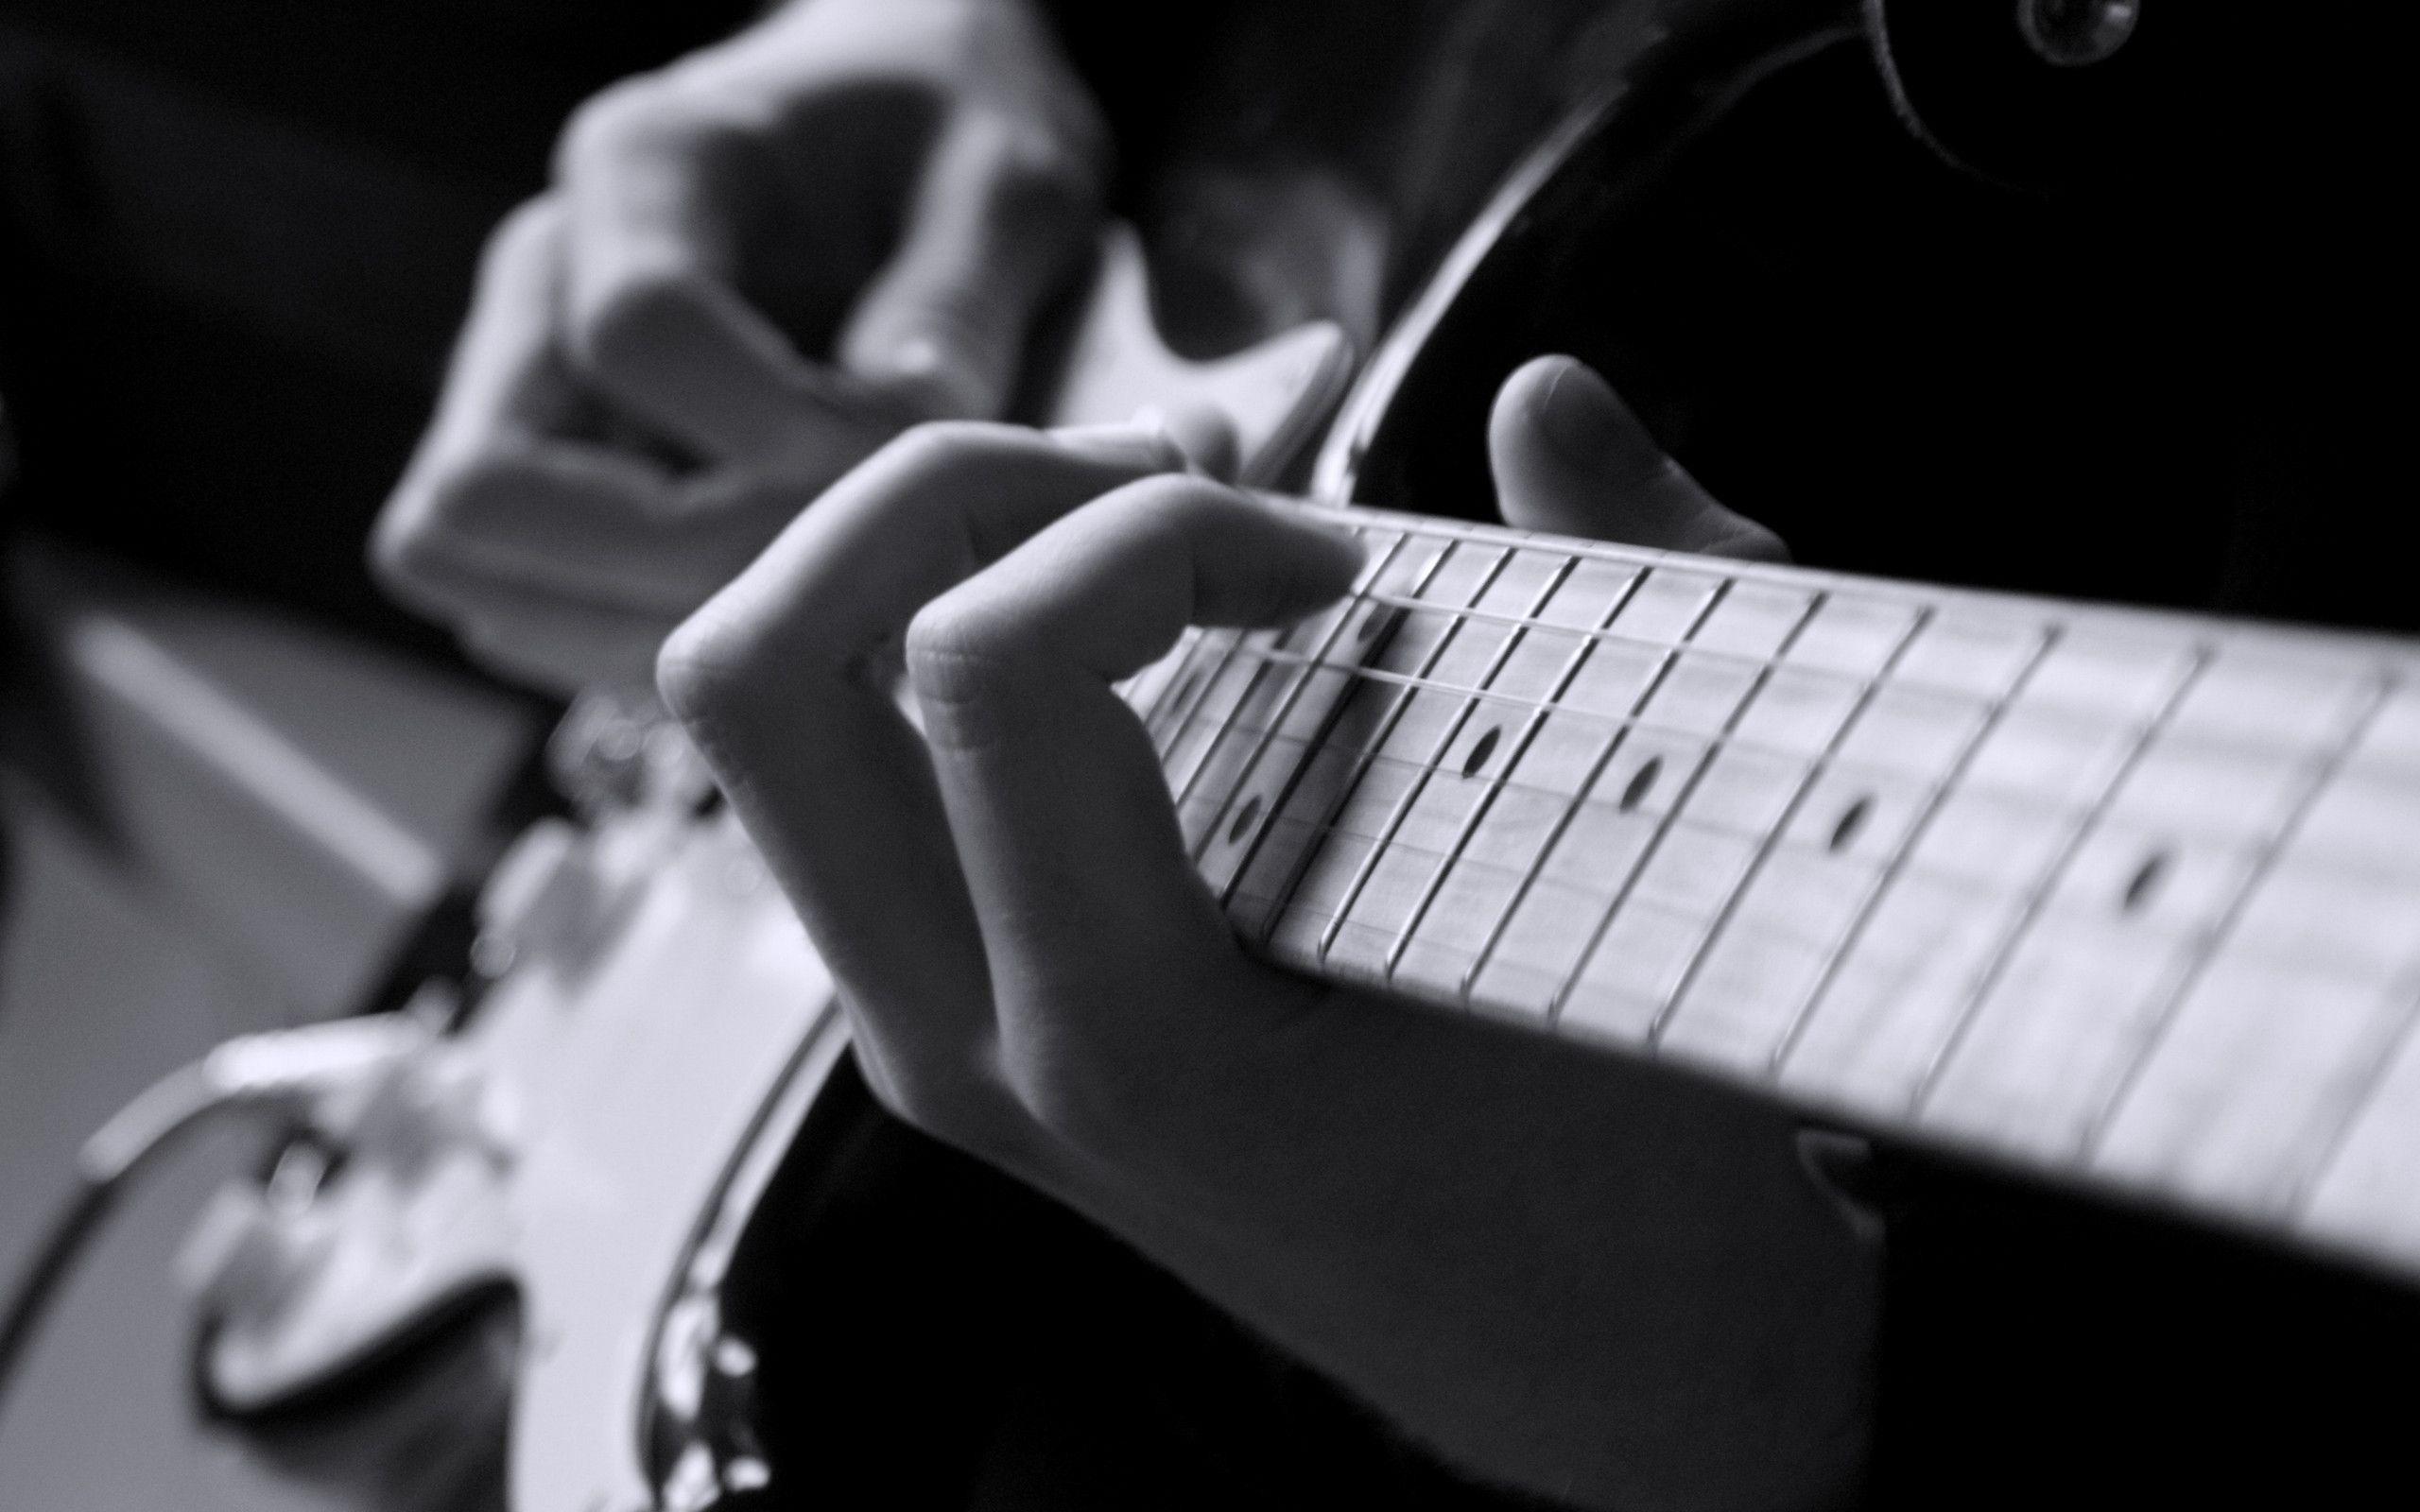 Guitar Desktop Wallpaper 72 Pictures